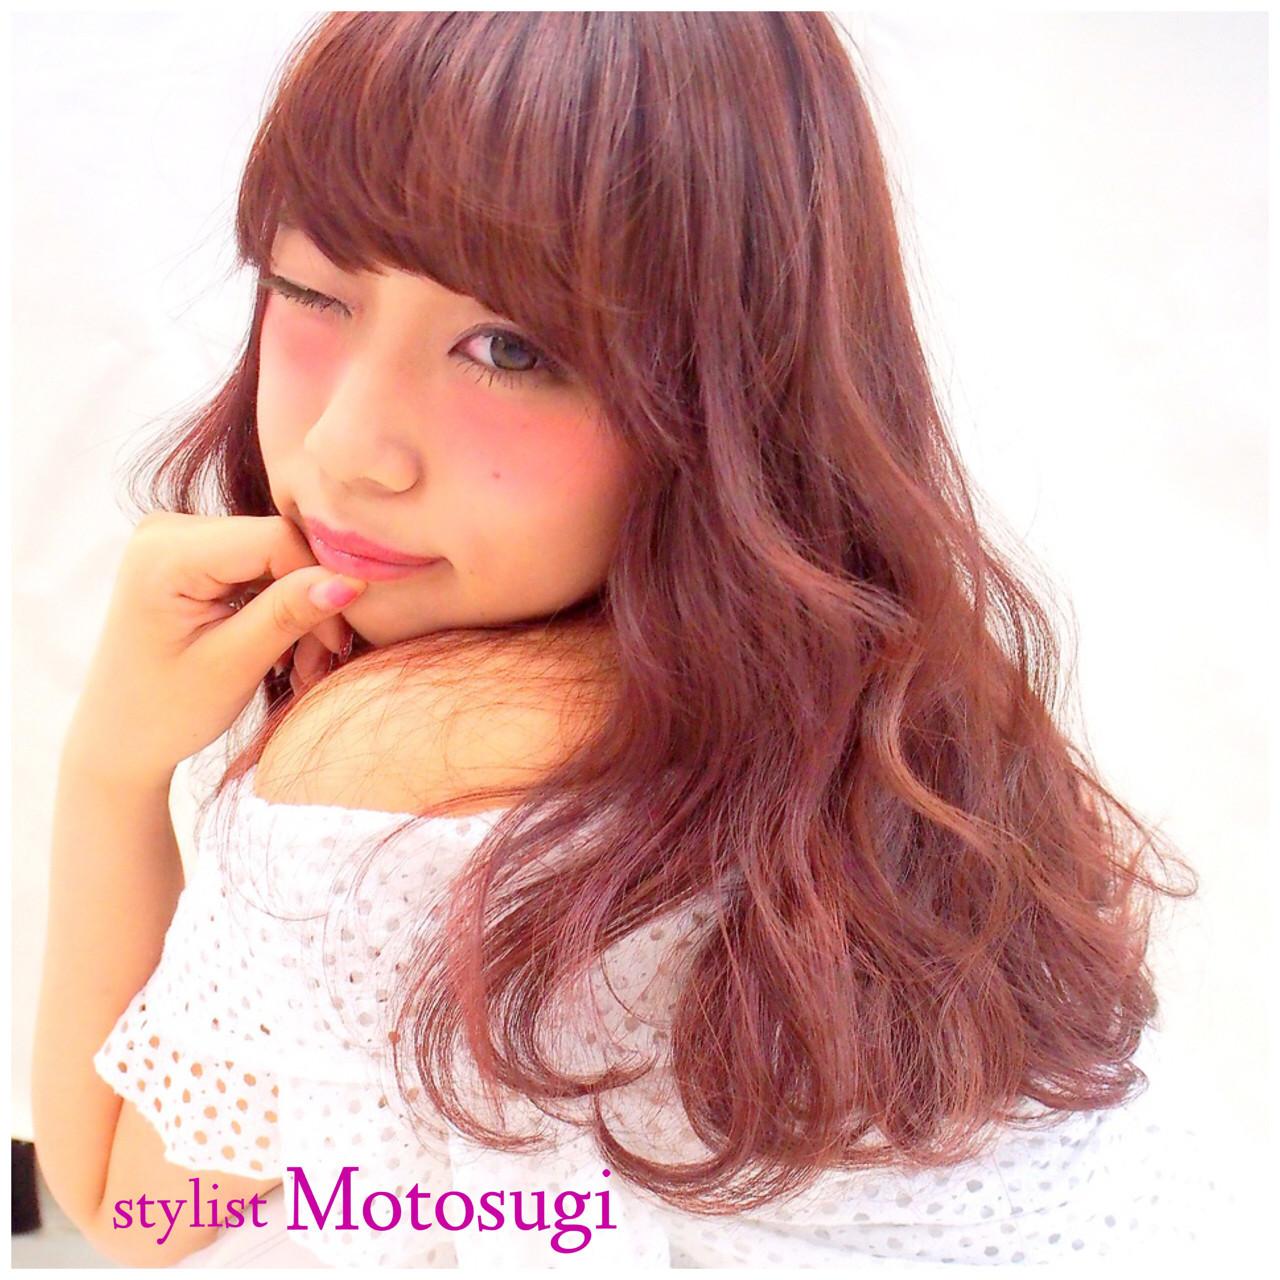 かわいい♡色っぽい♡ピンクブラウンは女子にいいことづくしなヘアカラー♪ 元杉 允駿  Pia hair design